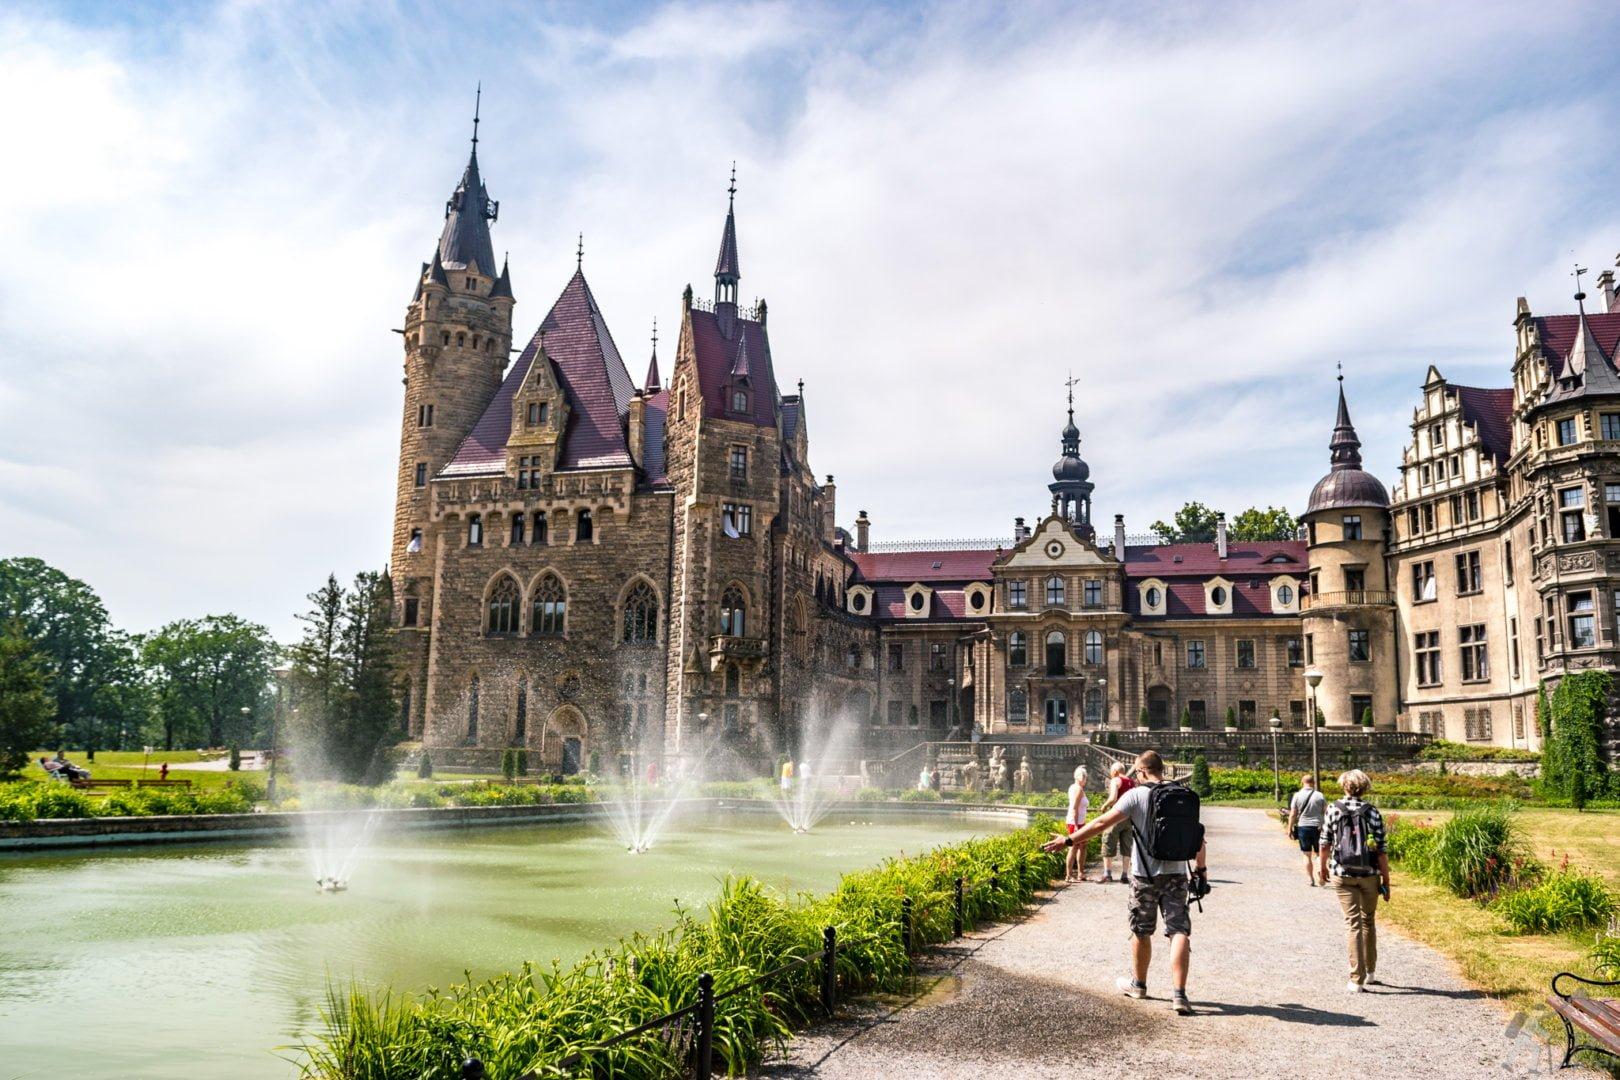 Fontanny przy zamku w Mosznej